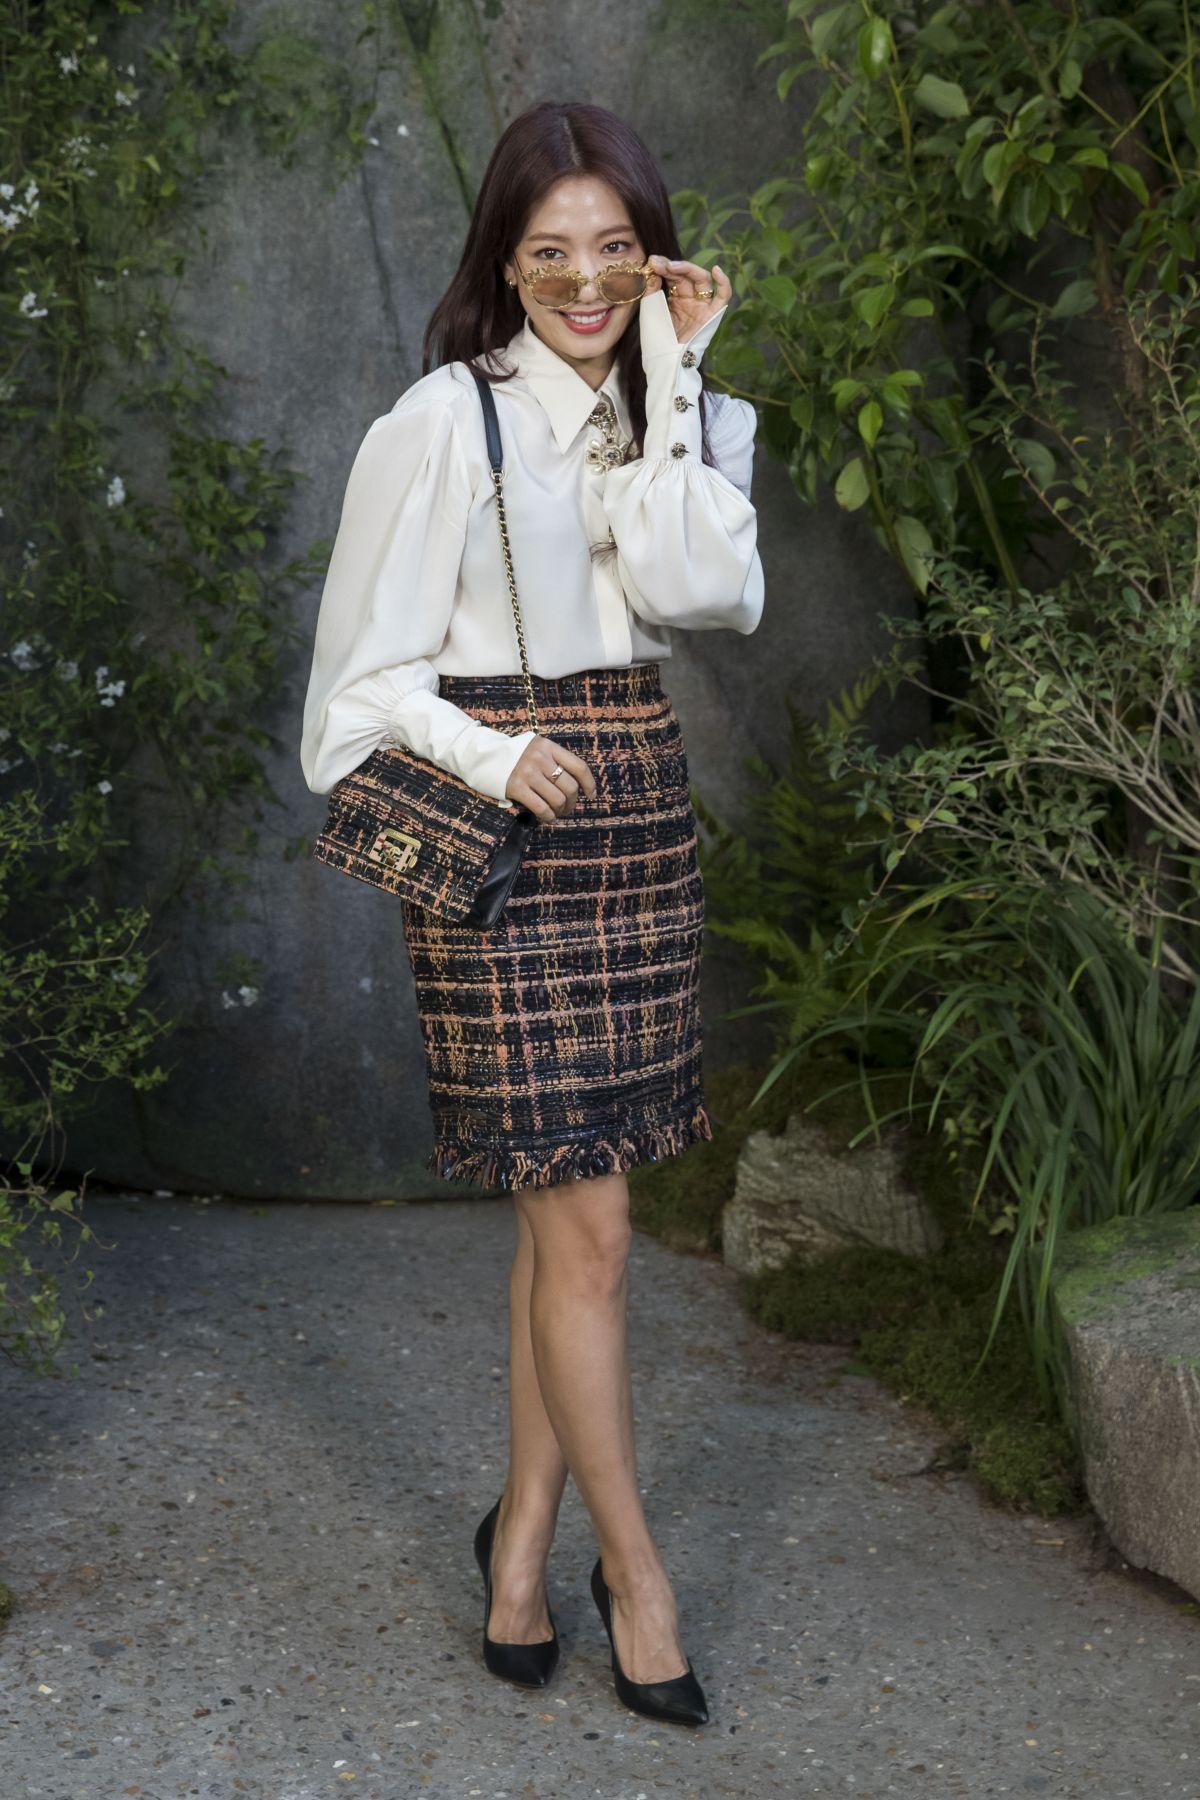 phong cách thời trang tại tuần lễ thời trang Park shin hye 2